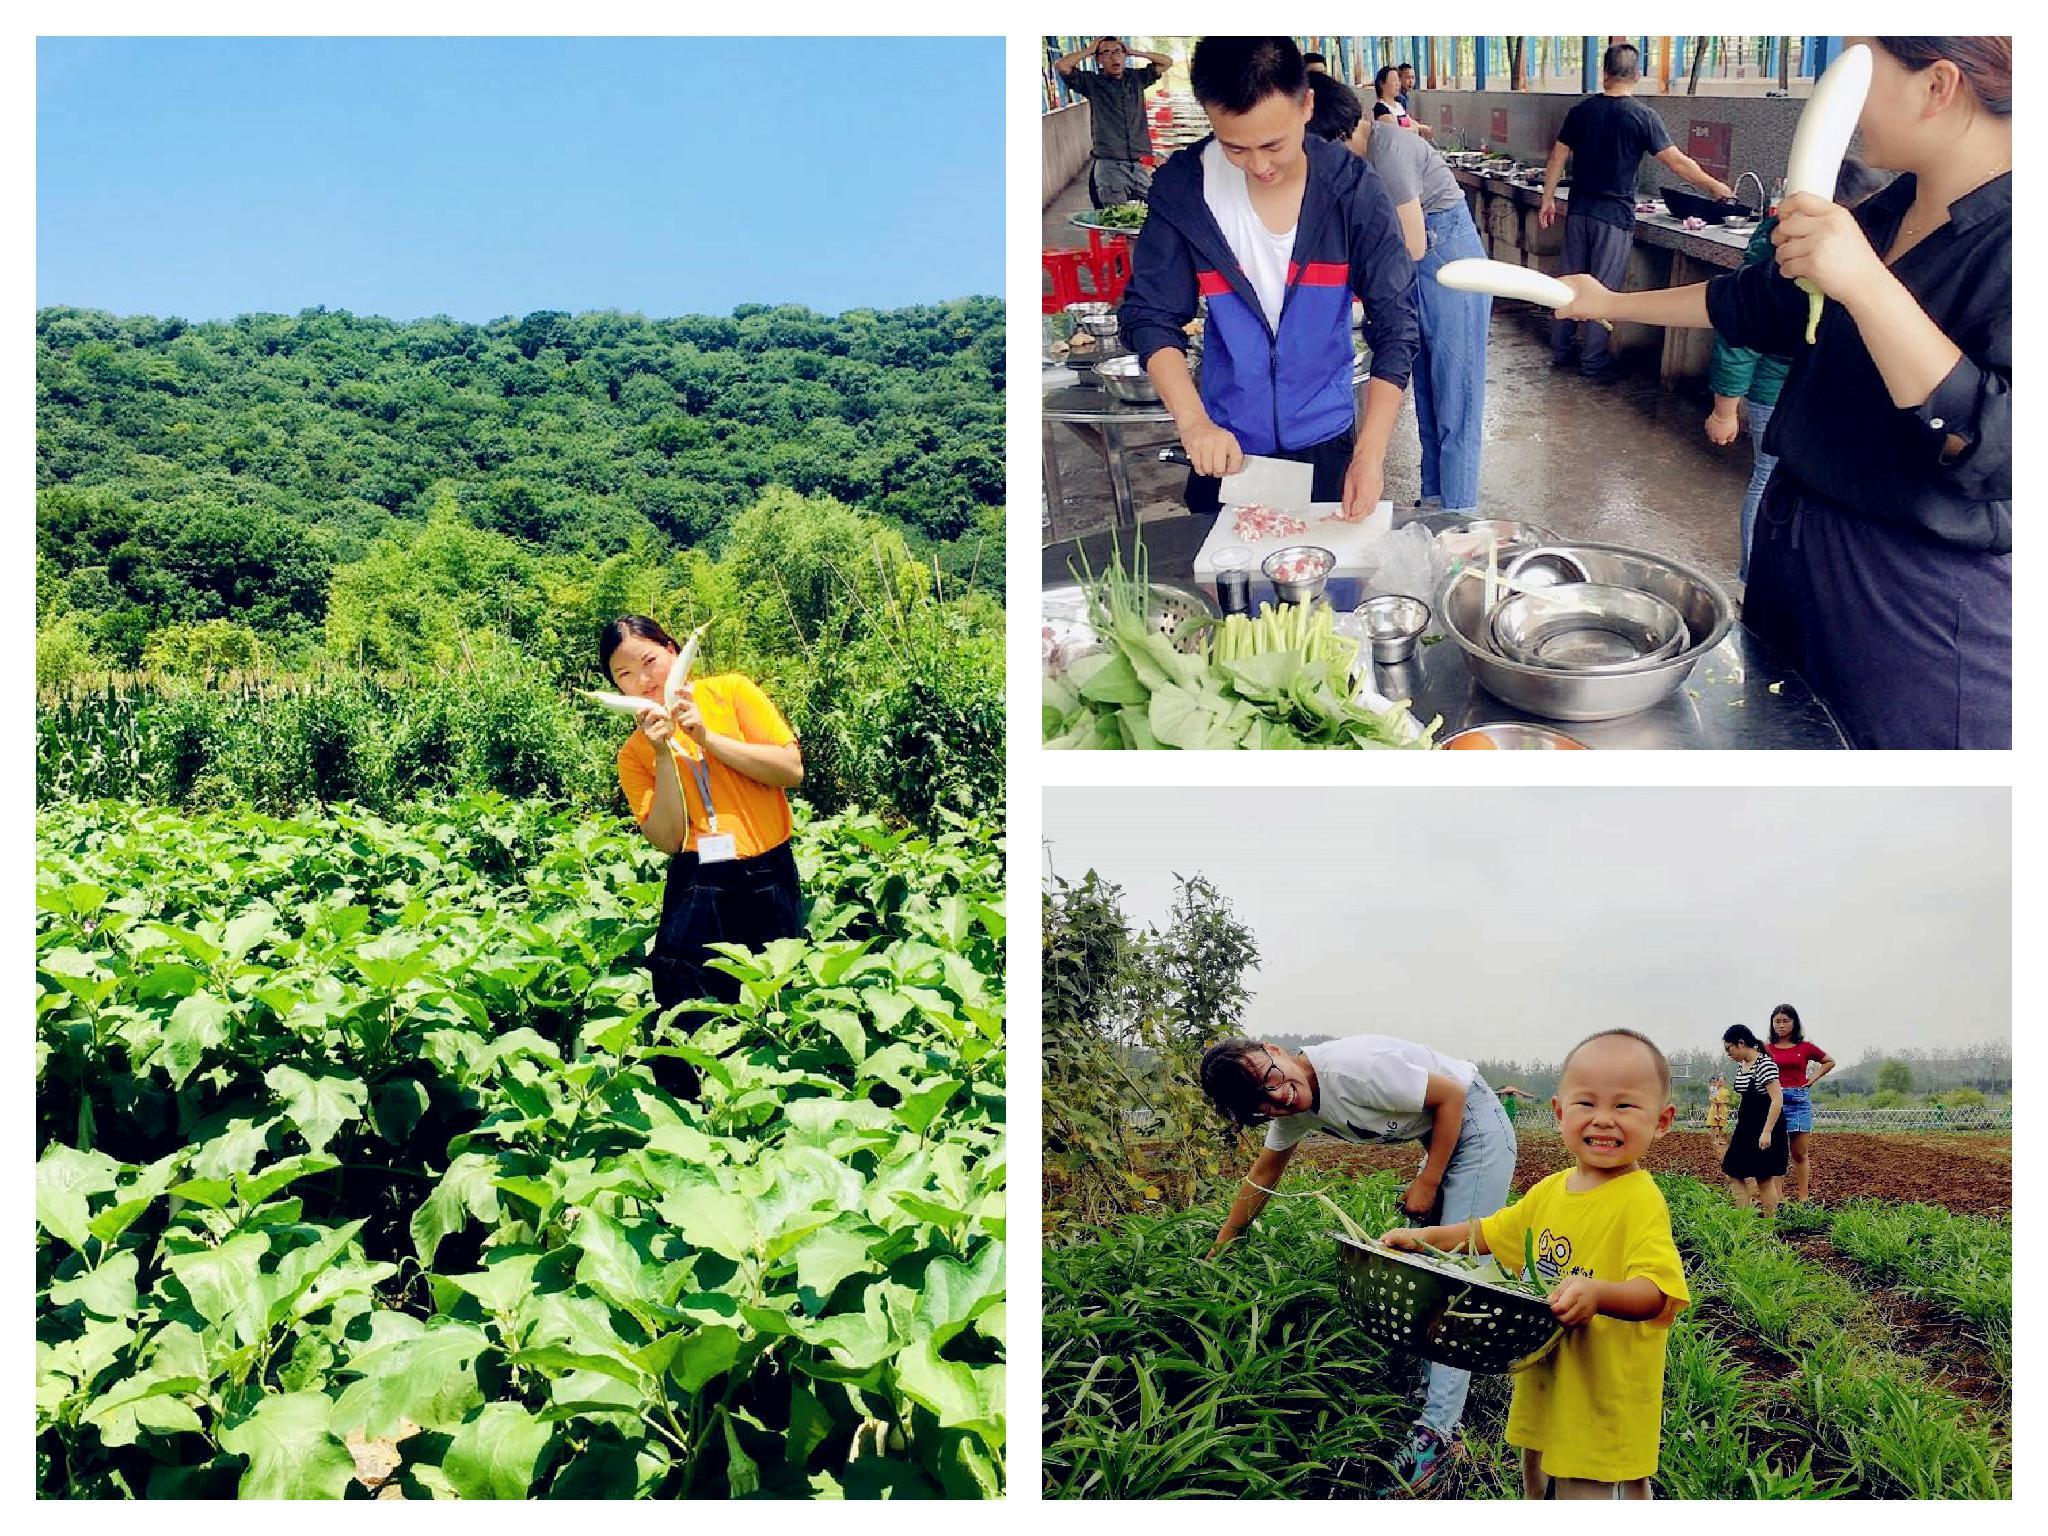 武汉野炊做饭乐农湖畔生态园